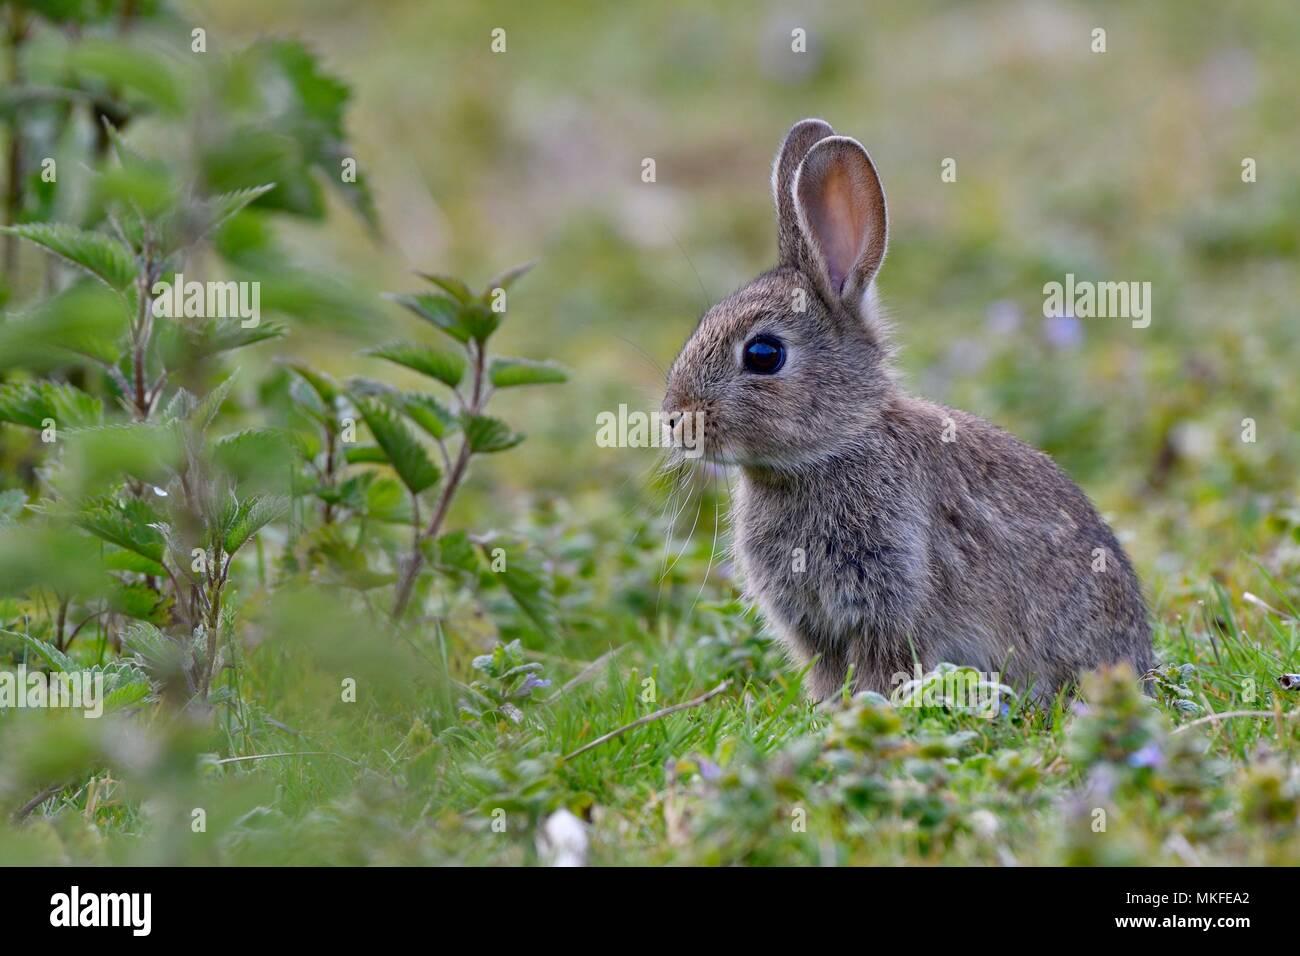 European rabbit (Oryctolagus cuniculus), Doubs valley, Franche-Comte, France - Stock Image